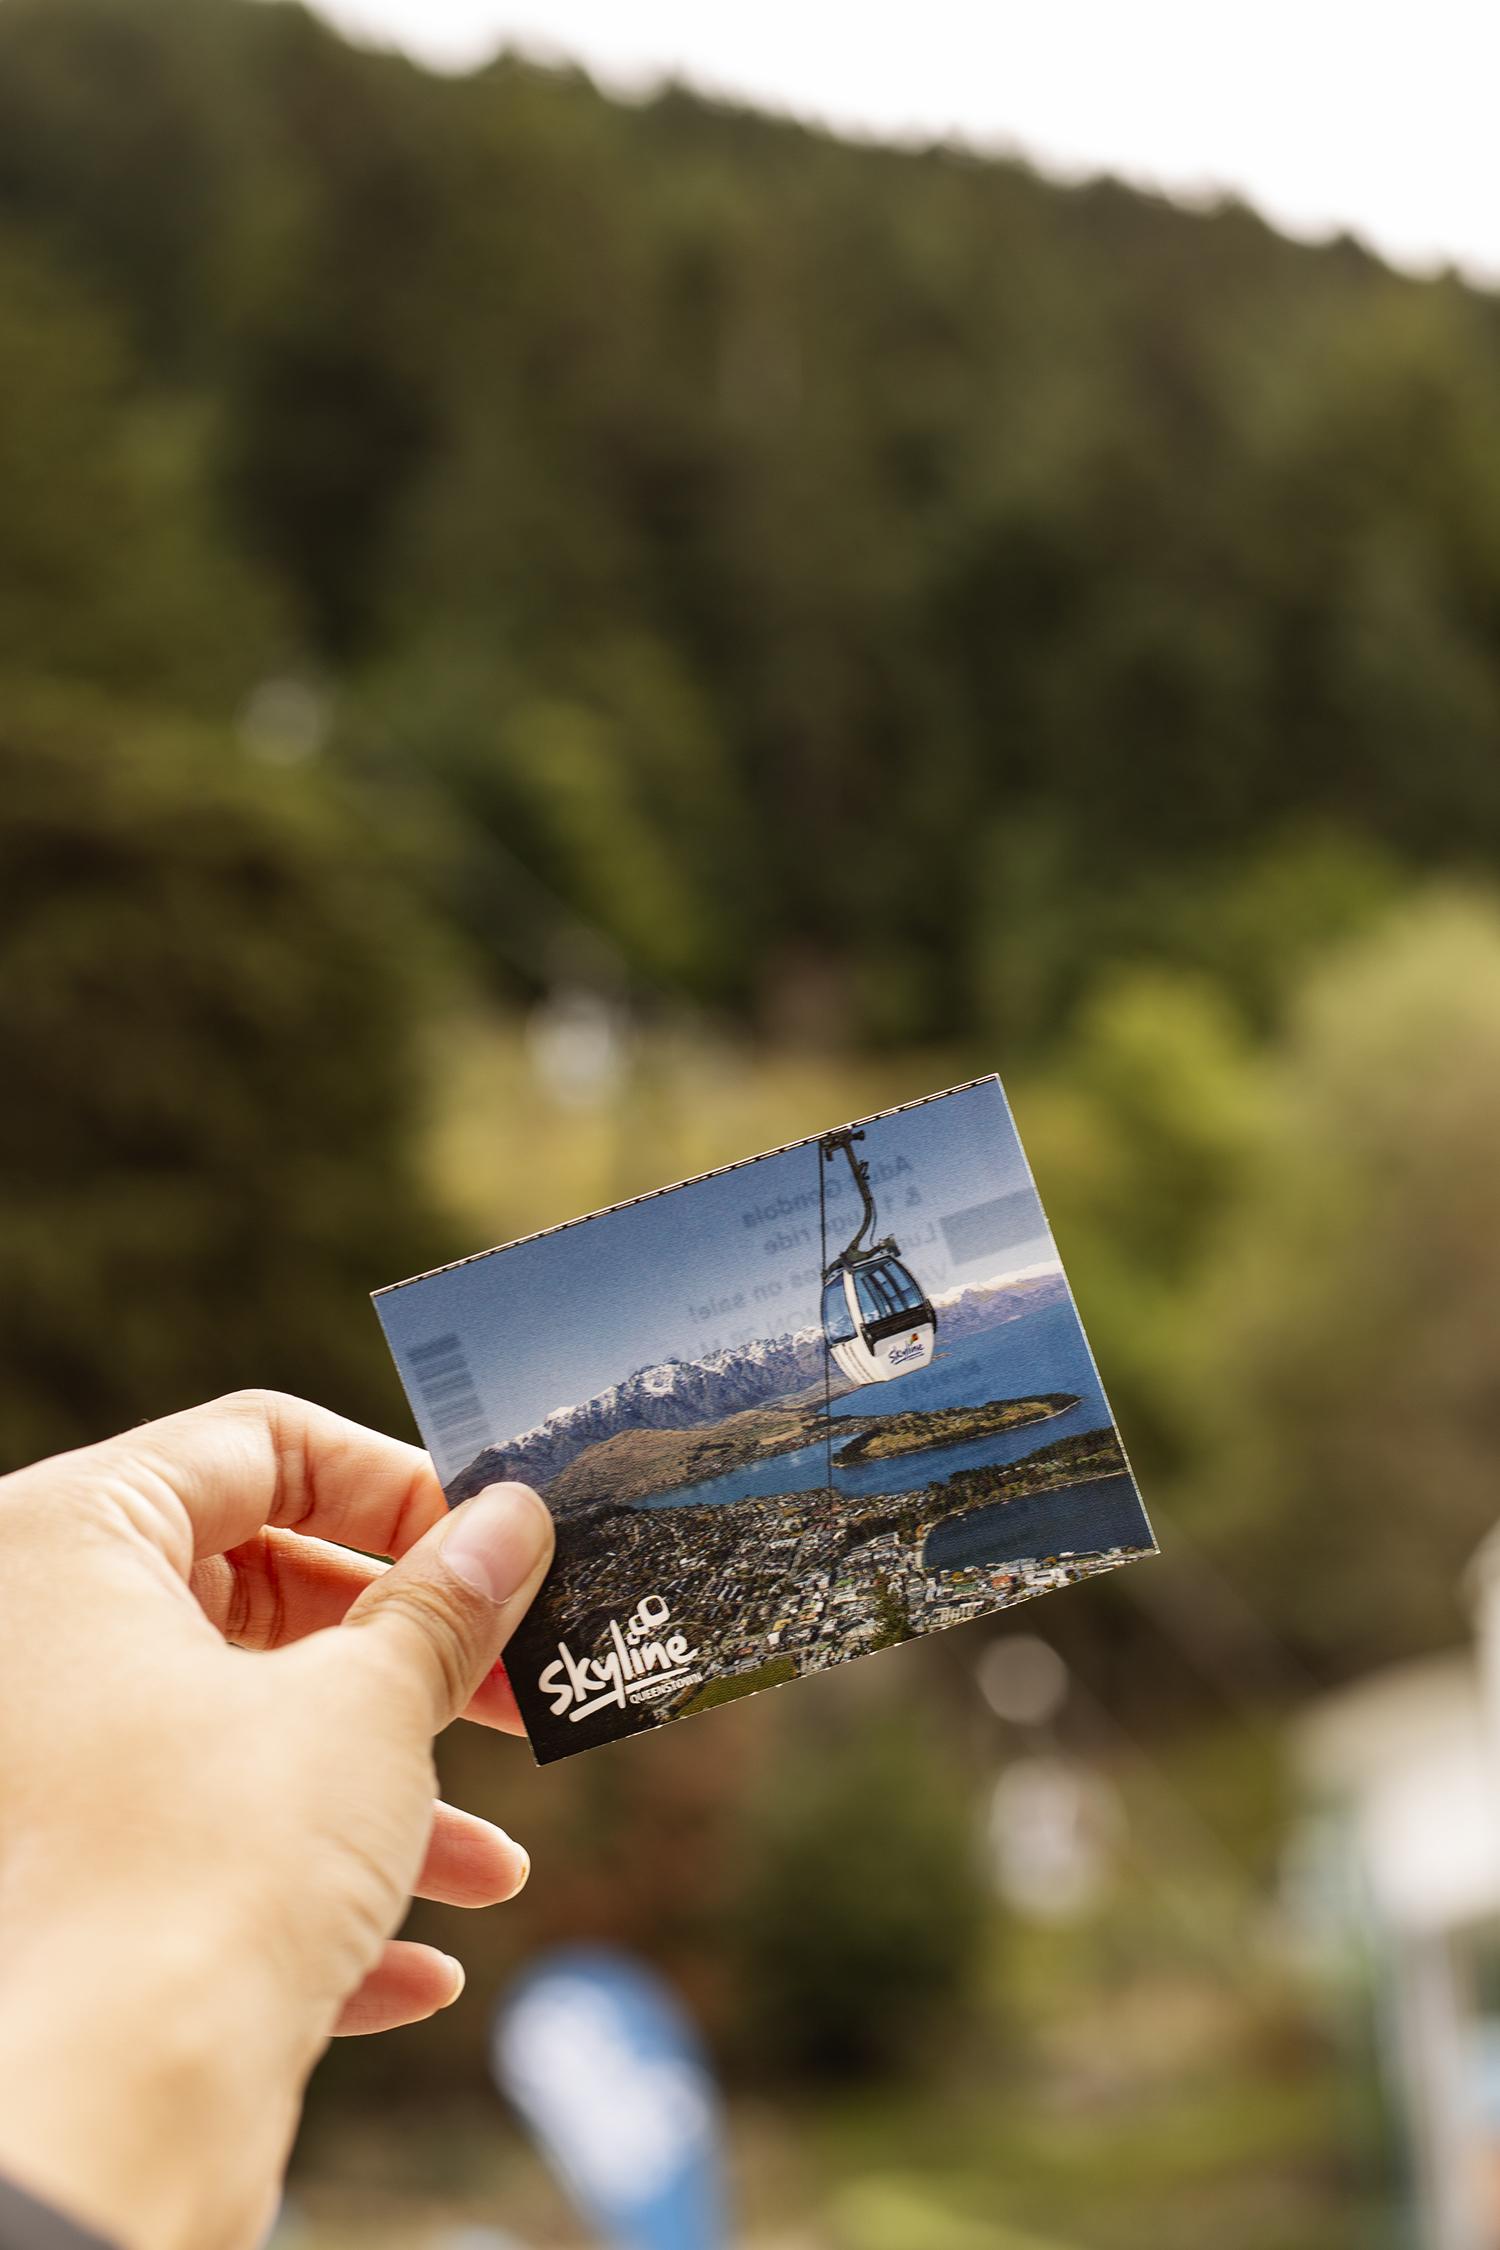 skyline_gondola.jpg